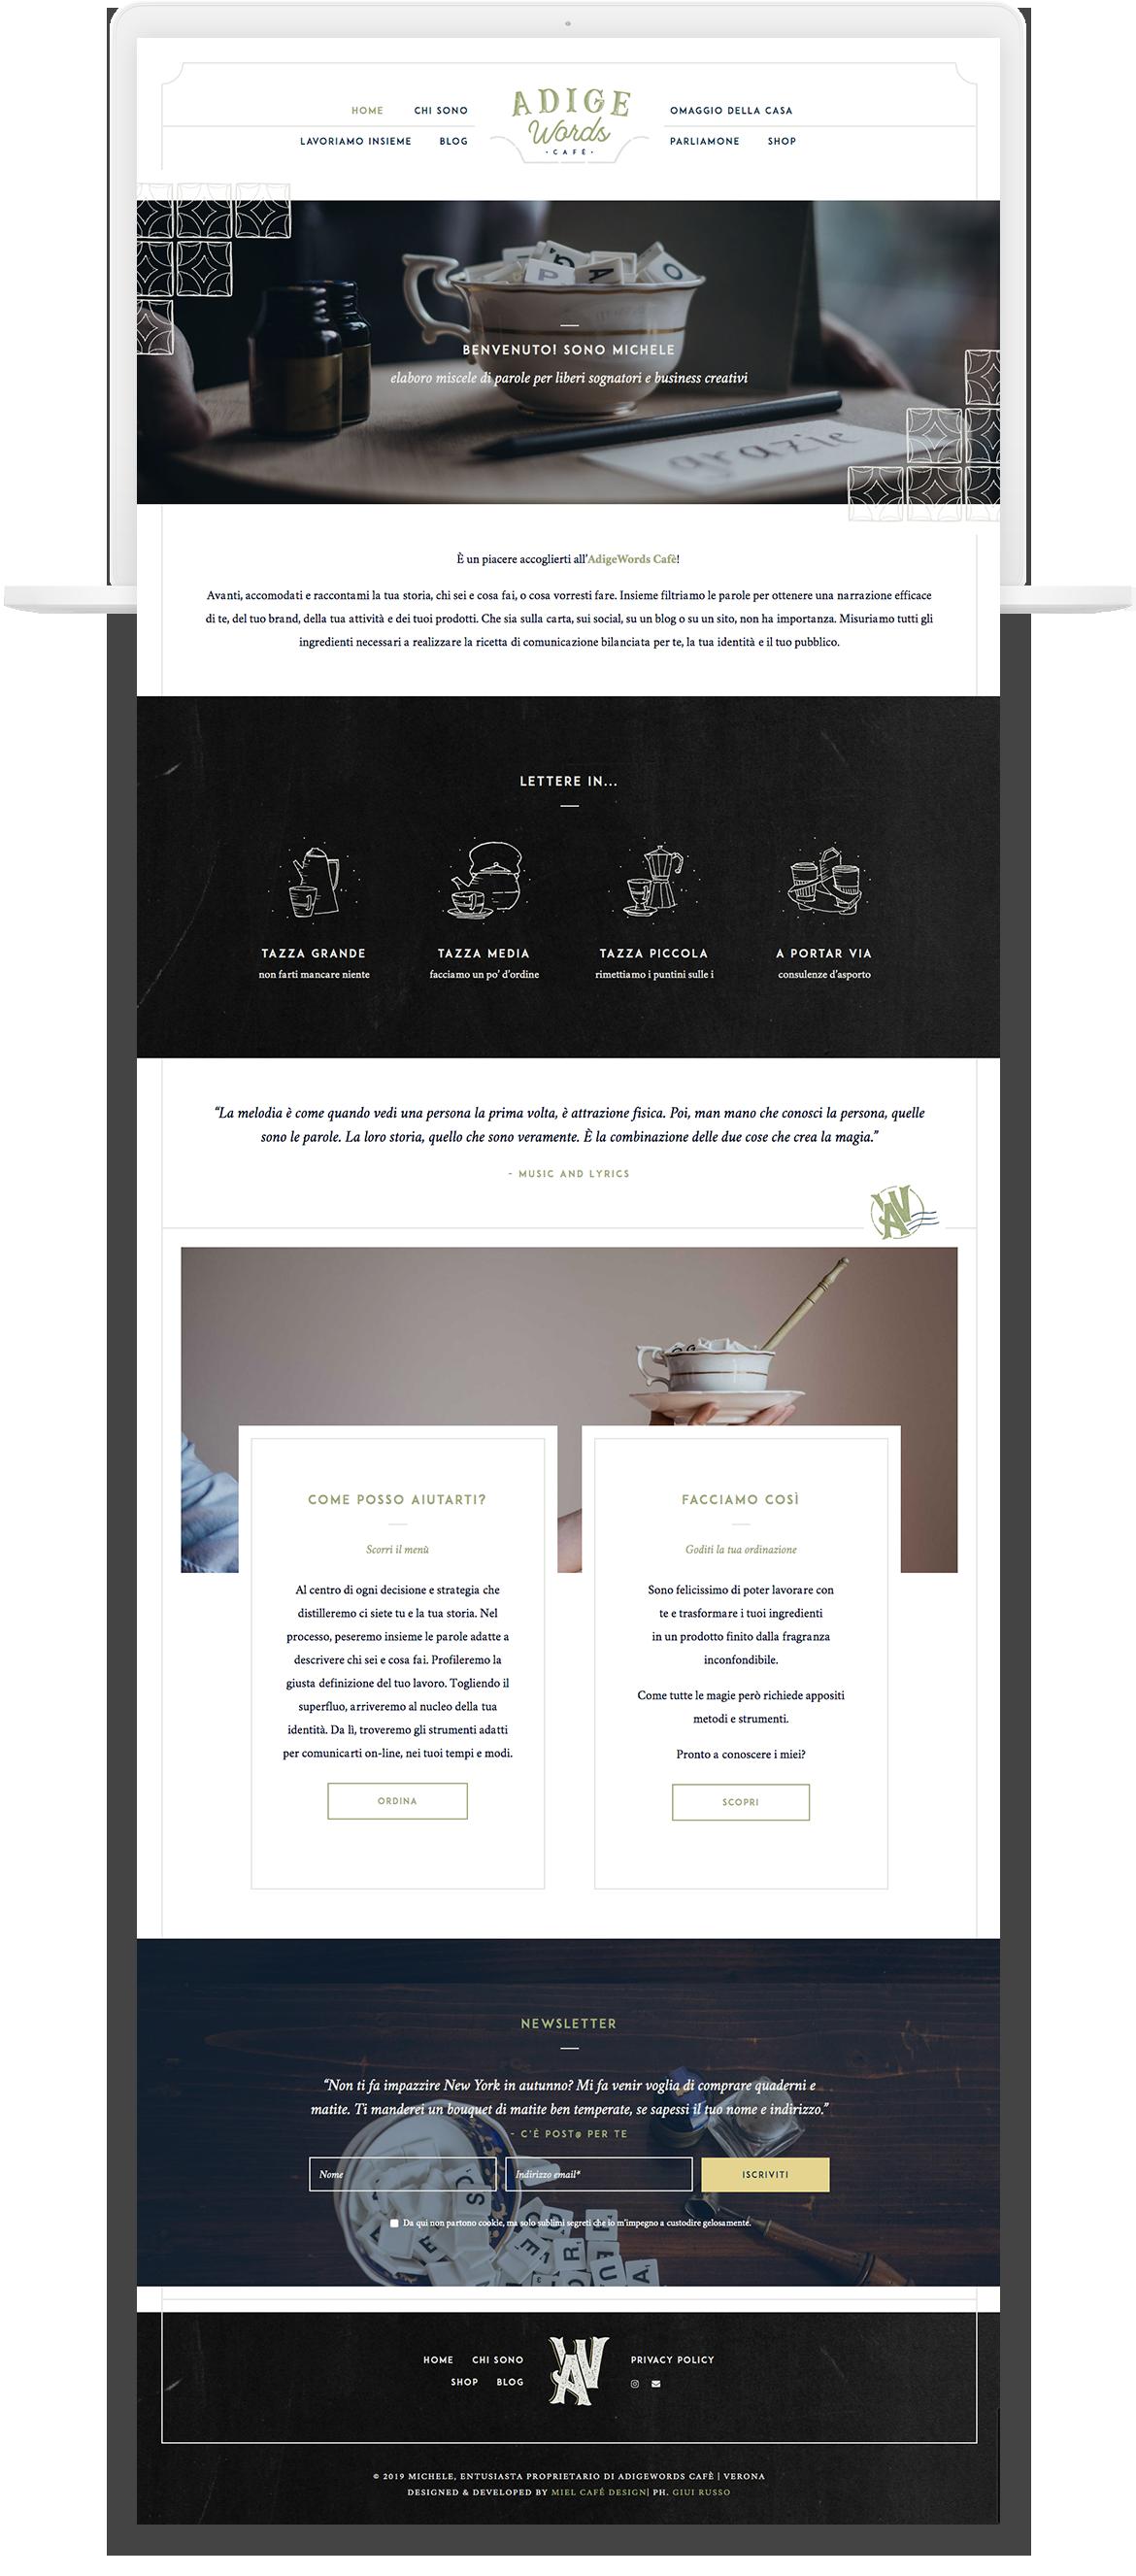 Miel Café Design Portfolio: cafè-themed web design hipster blackboard for copywriter Adige Words Café